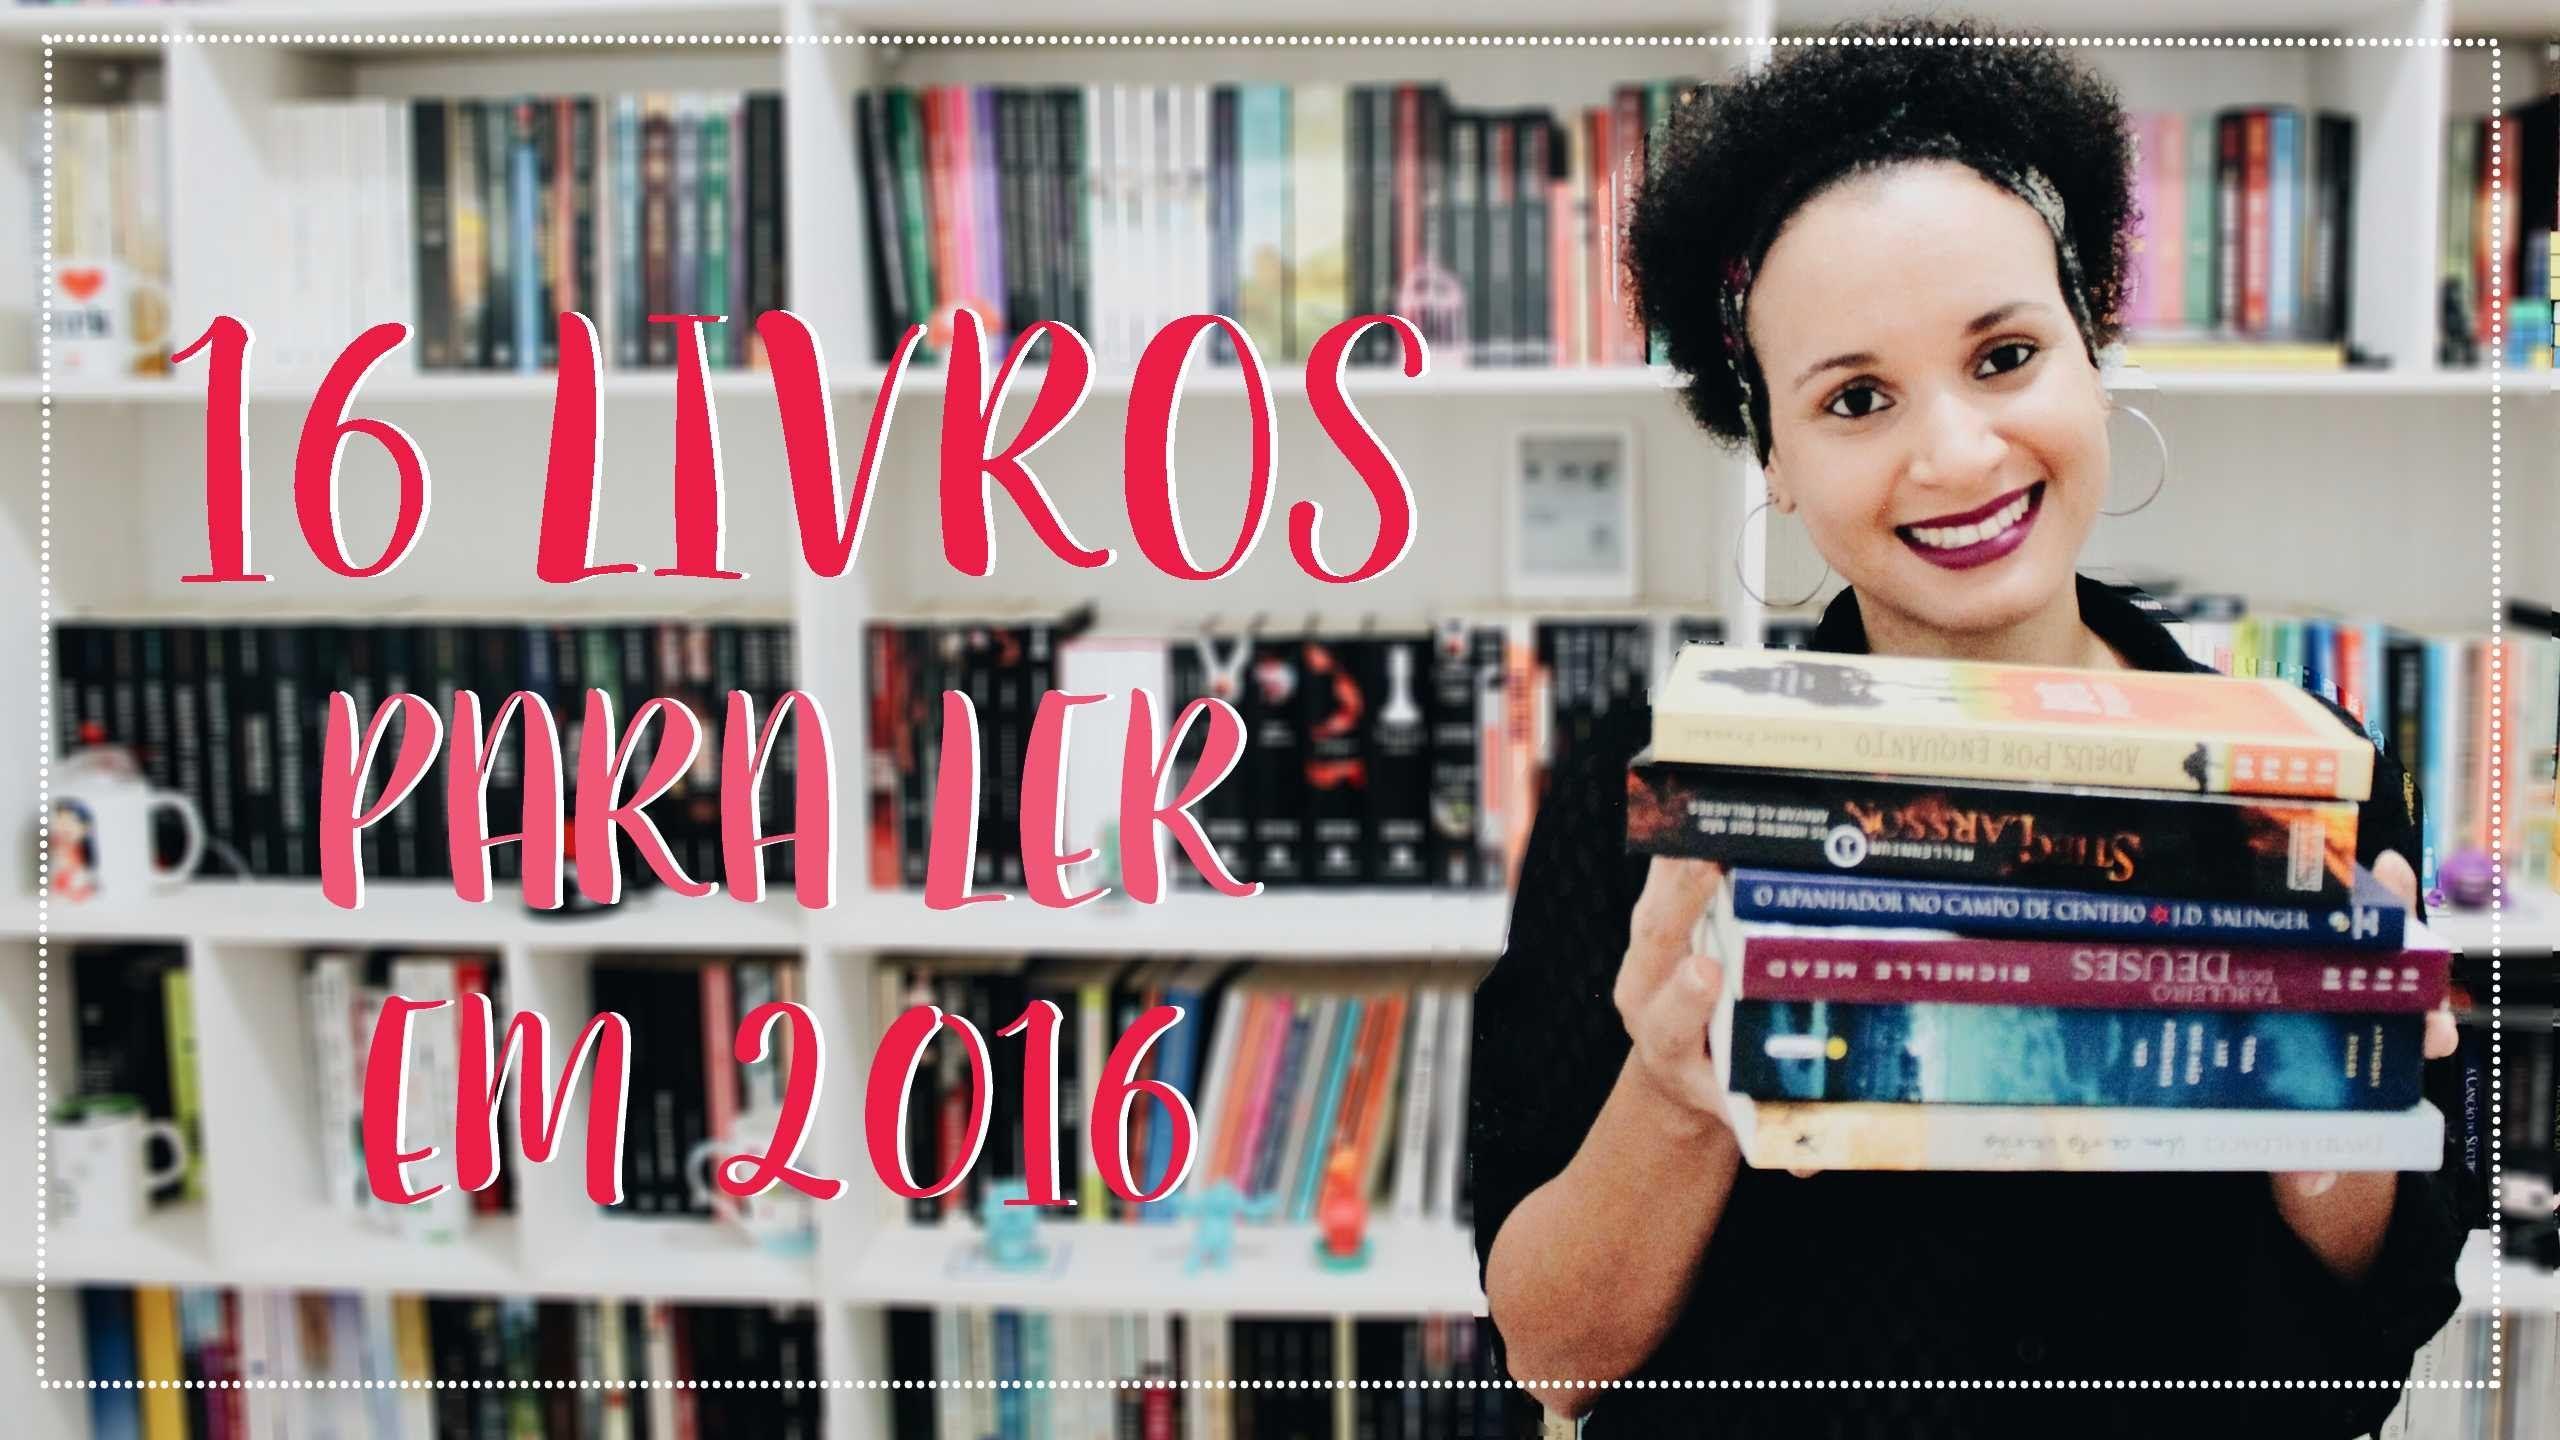 16 livros para 2016 | Por Raphaela Barros